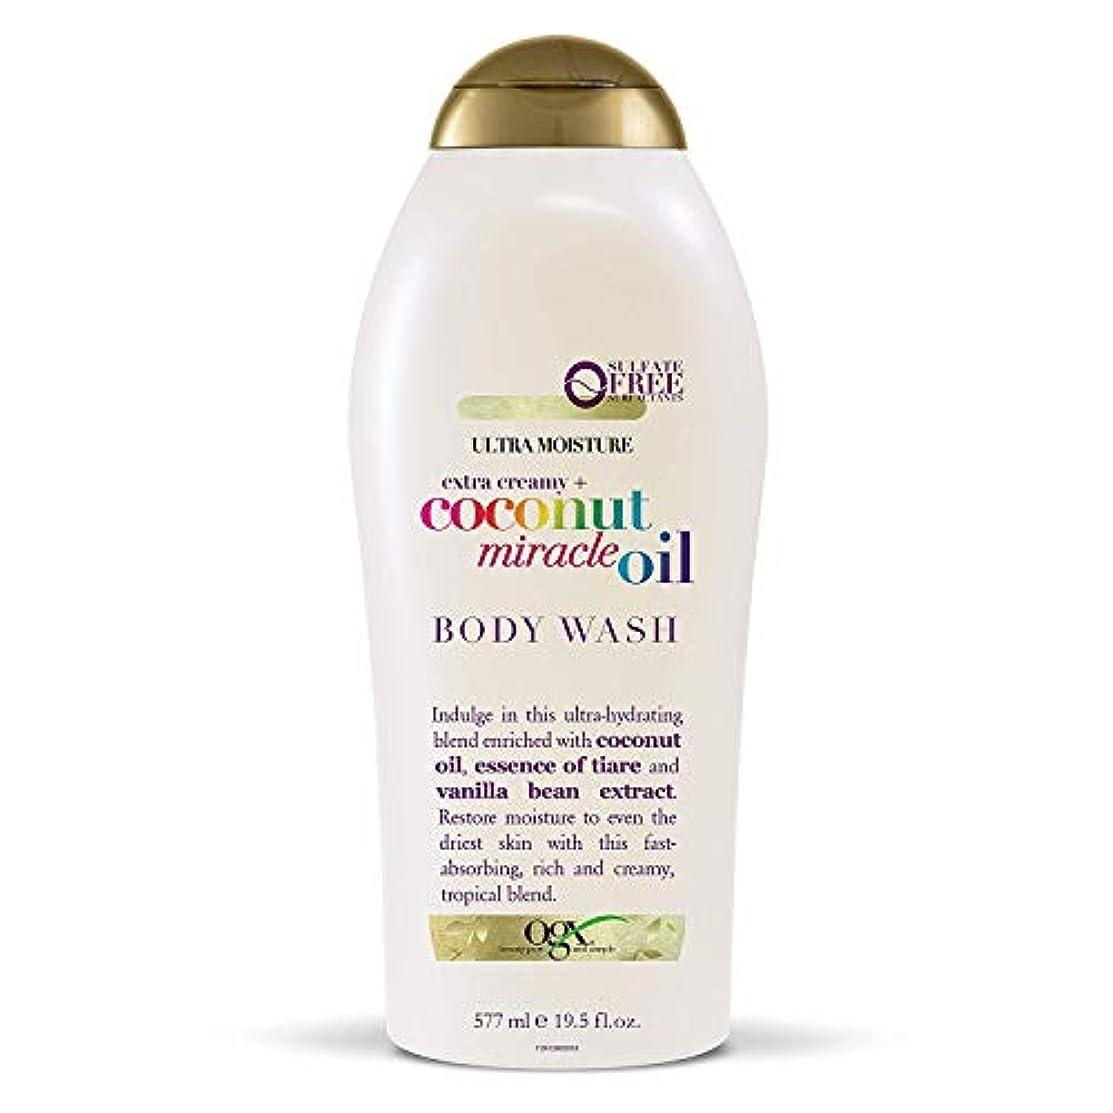 レパートリー帰るレトルトOgx Body Wash Coconut Miracle Oil Extra Strength 19.5oz OGX ココナッツミラクルオイル エクストラストレングス ボディウォッシュ 577ml [並行輸入品]